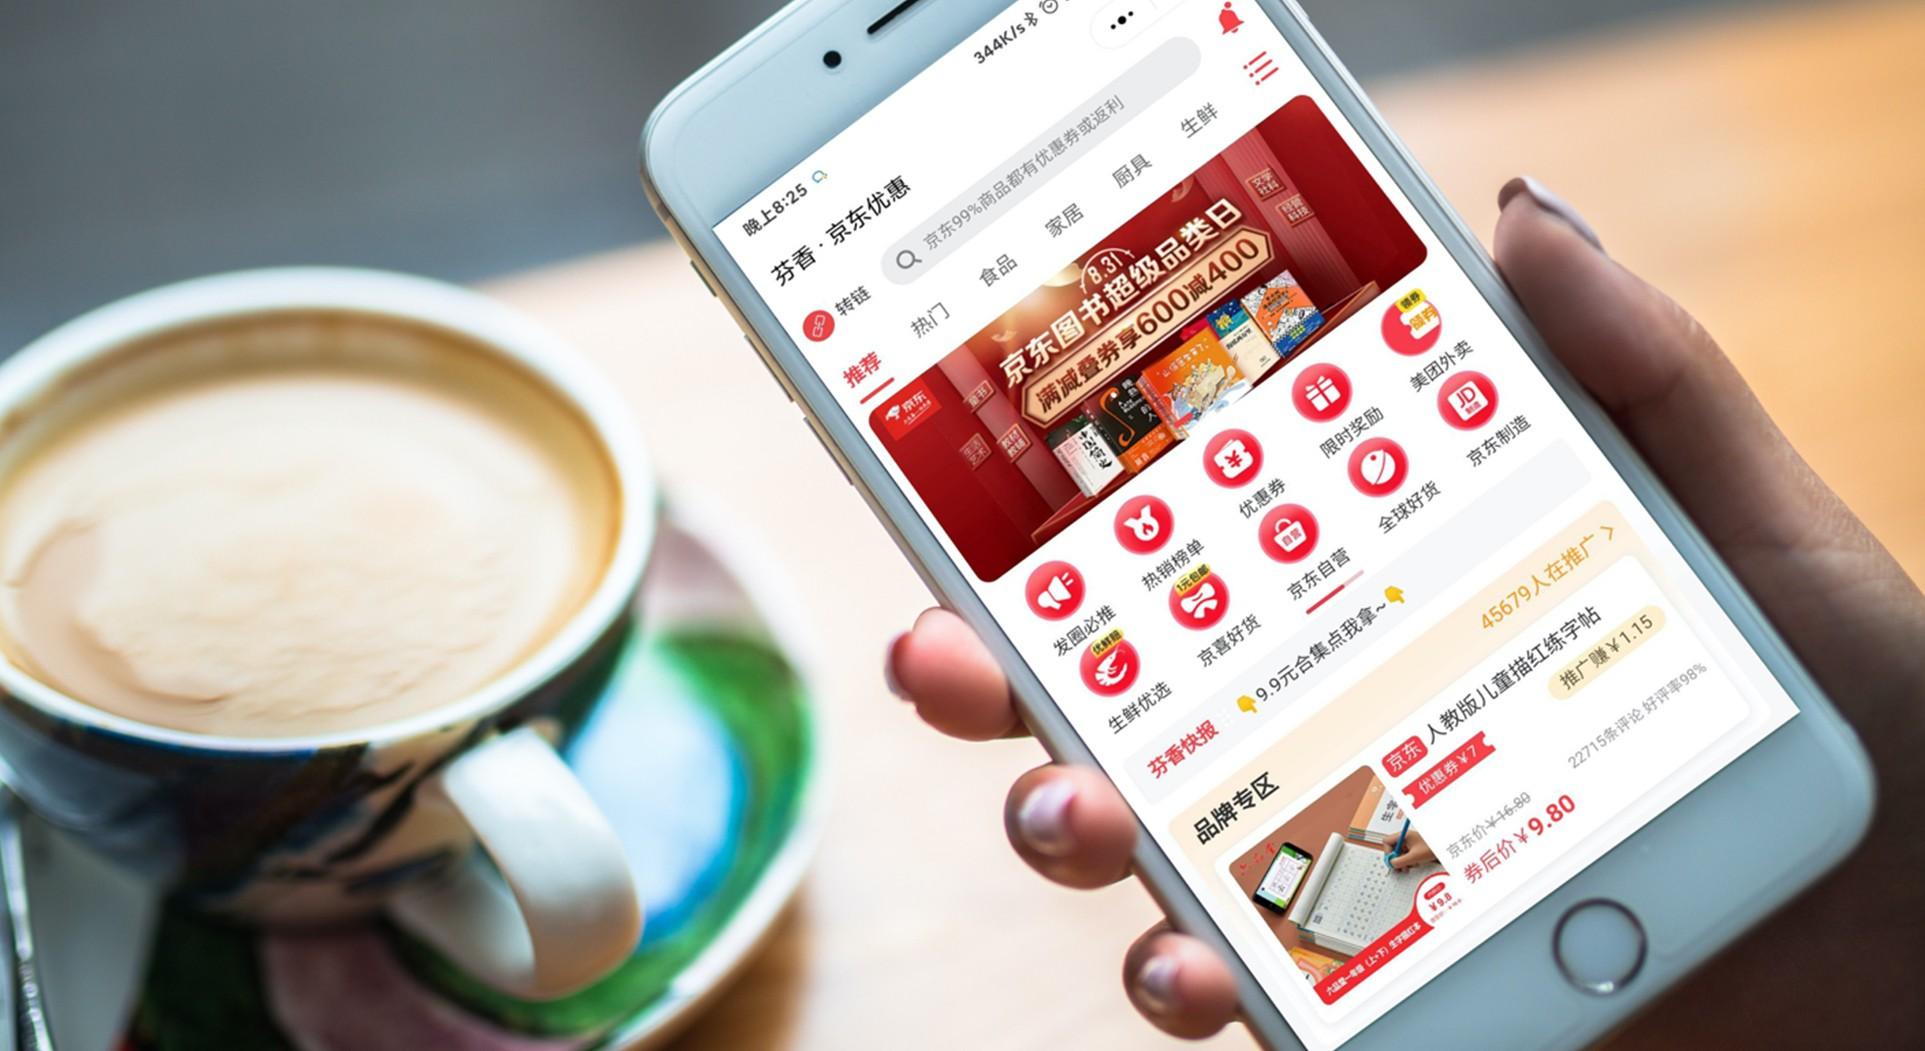 2021消费新趋势,芬香搭建社交电商共赢新生态